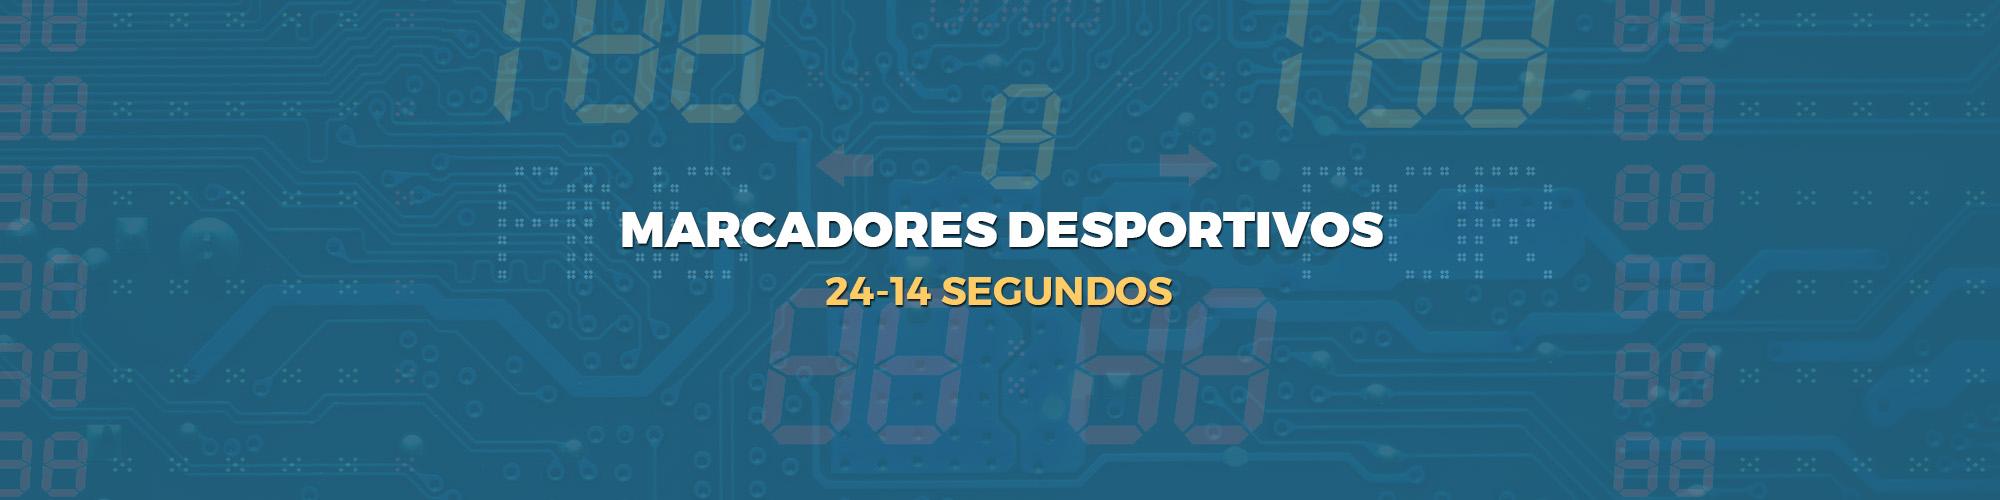 marcadores desportivos - 24-14 Segundos